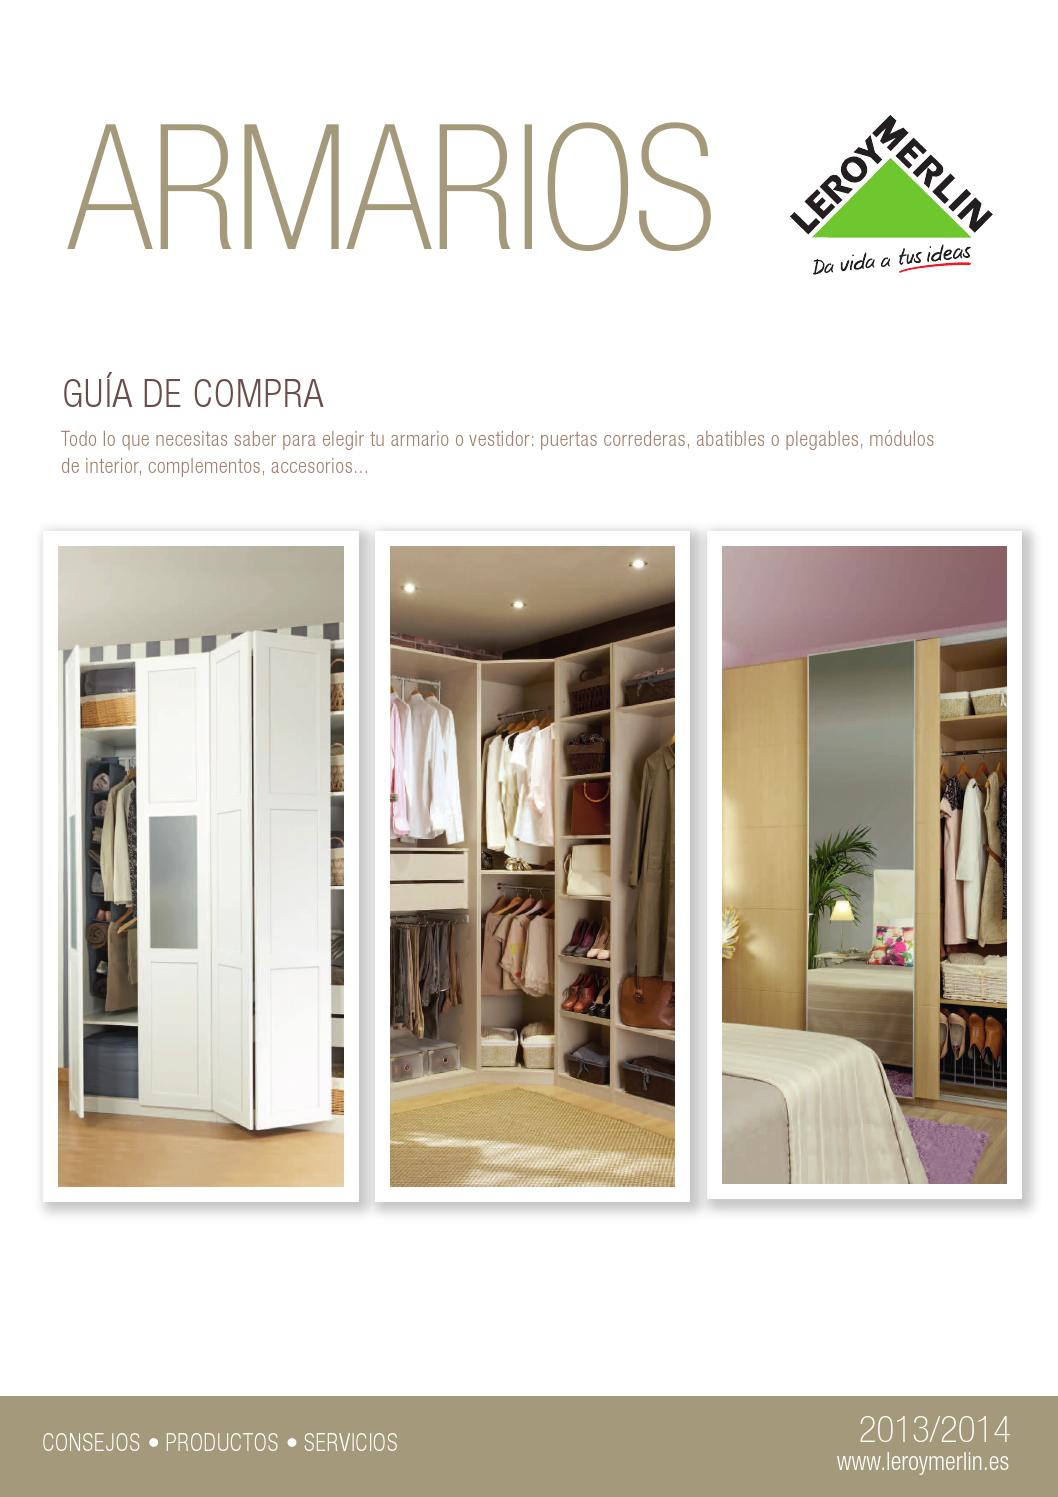 Leroy merlin armarios guia de compra 2013 14 by - Zapatero con espejo leroy merlin ...